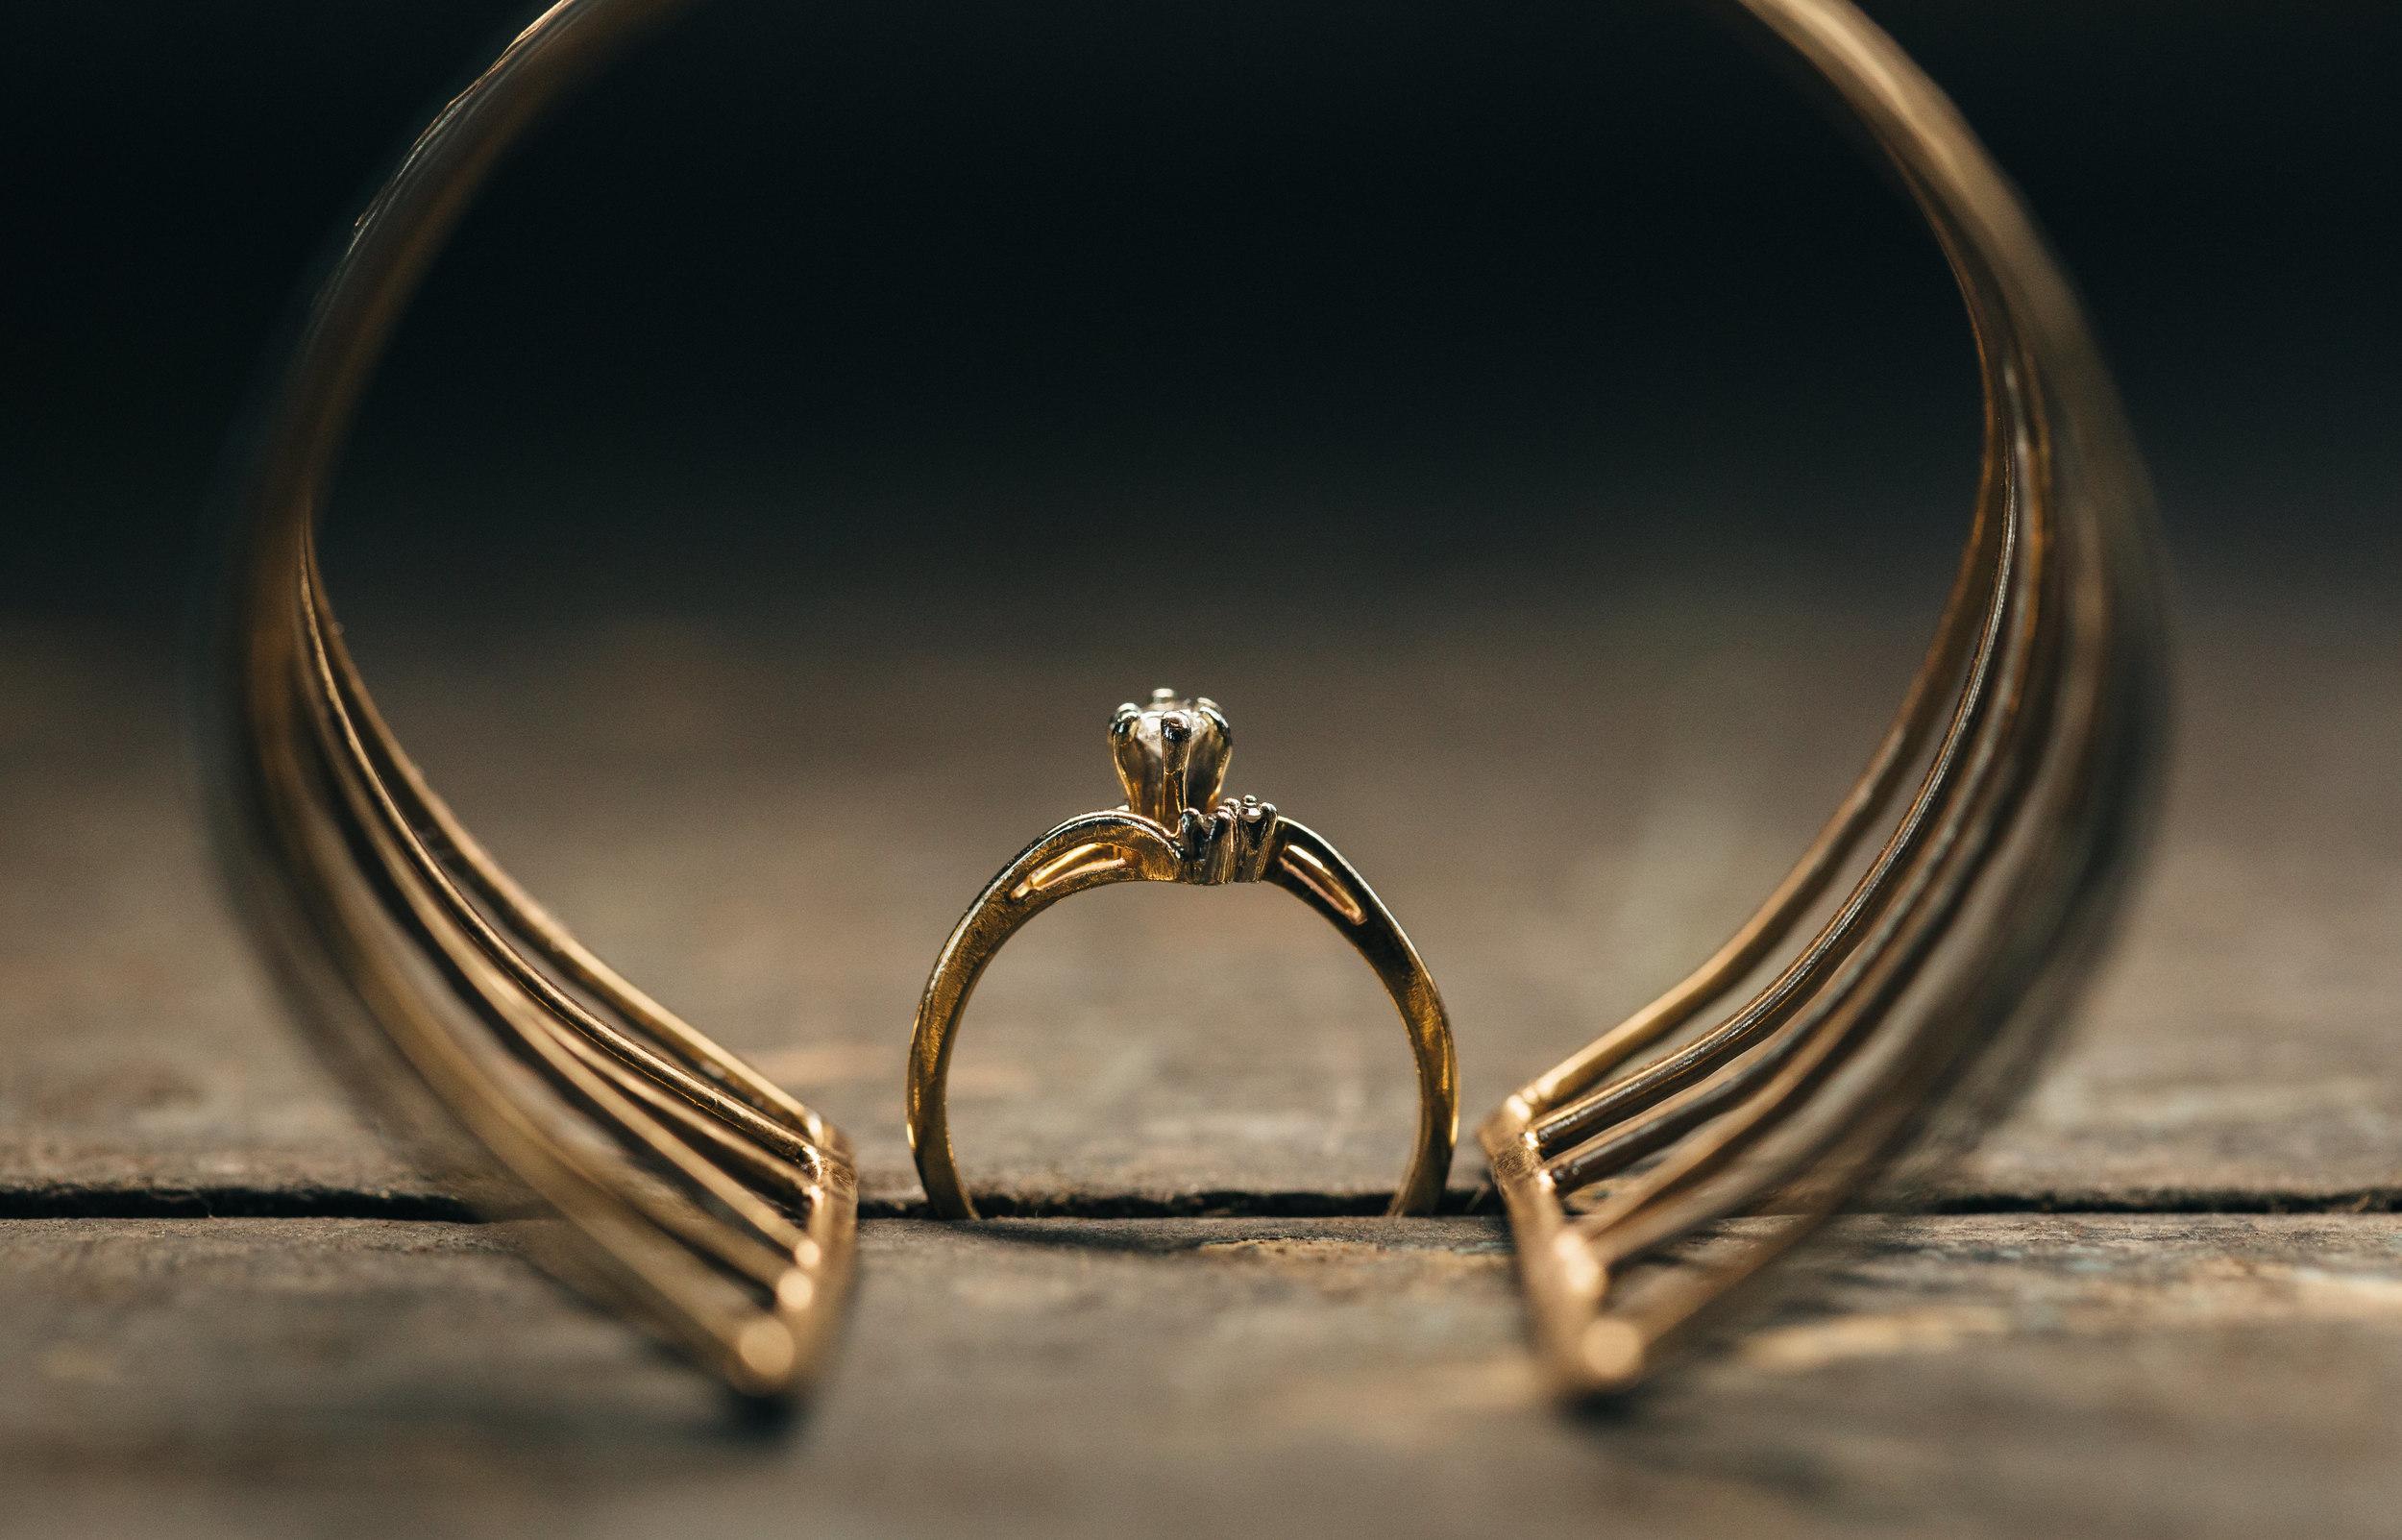 Vintage wedding ring and bracelet.